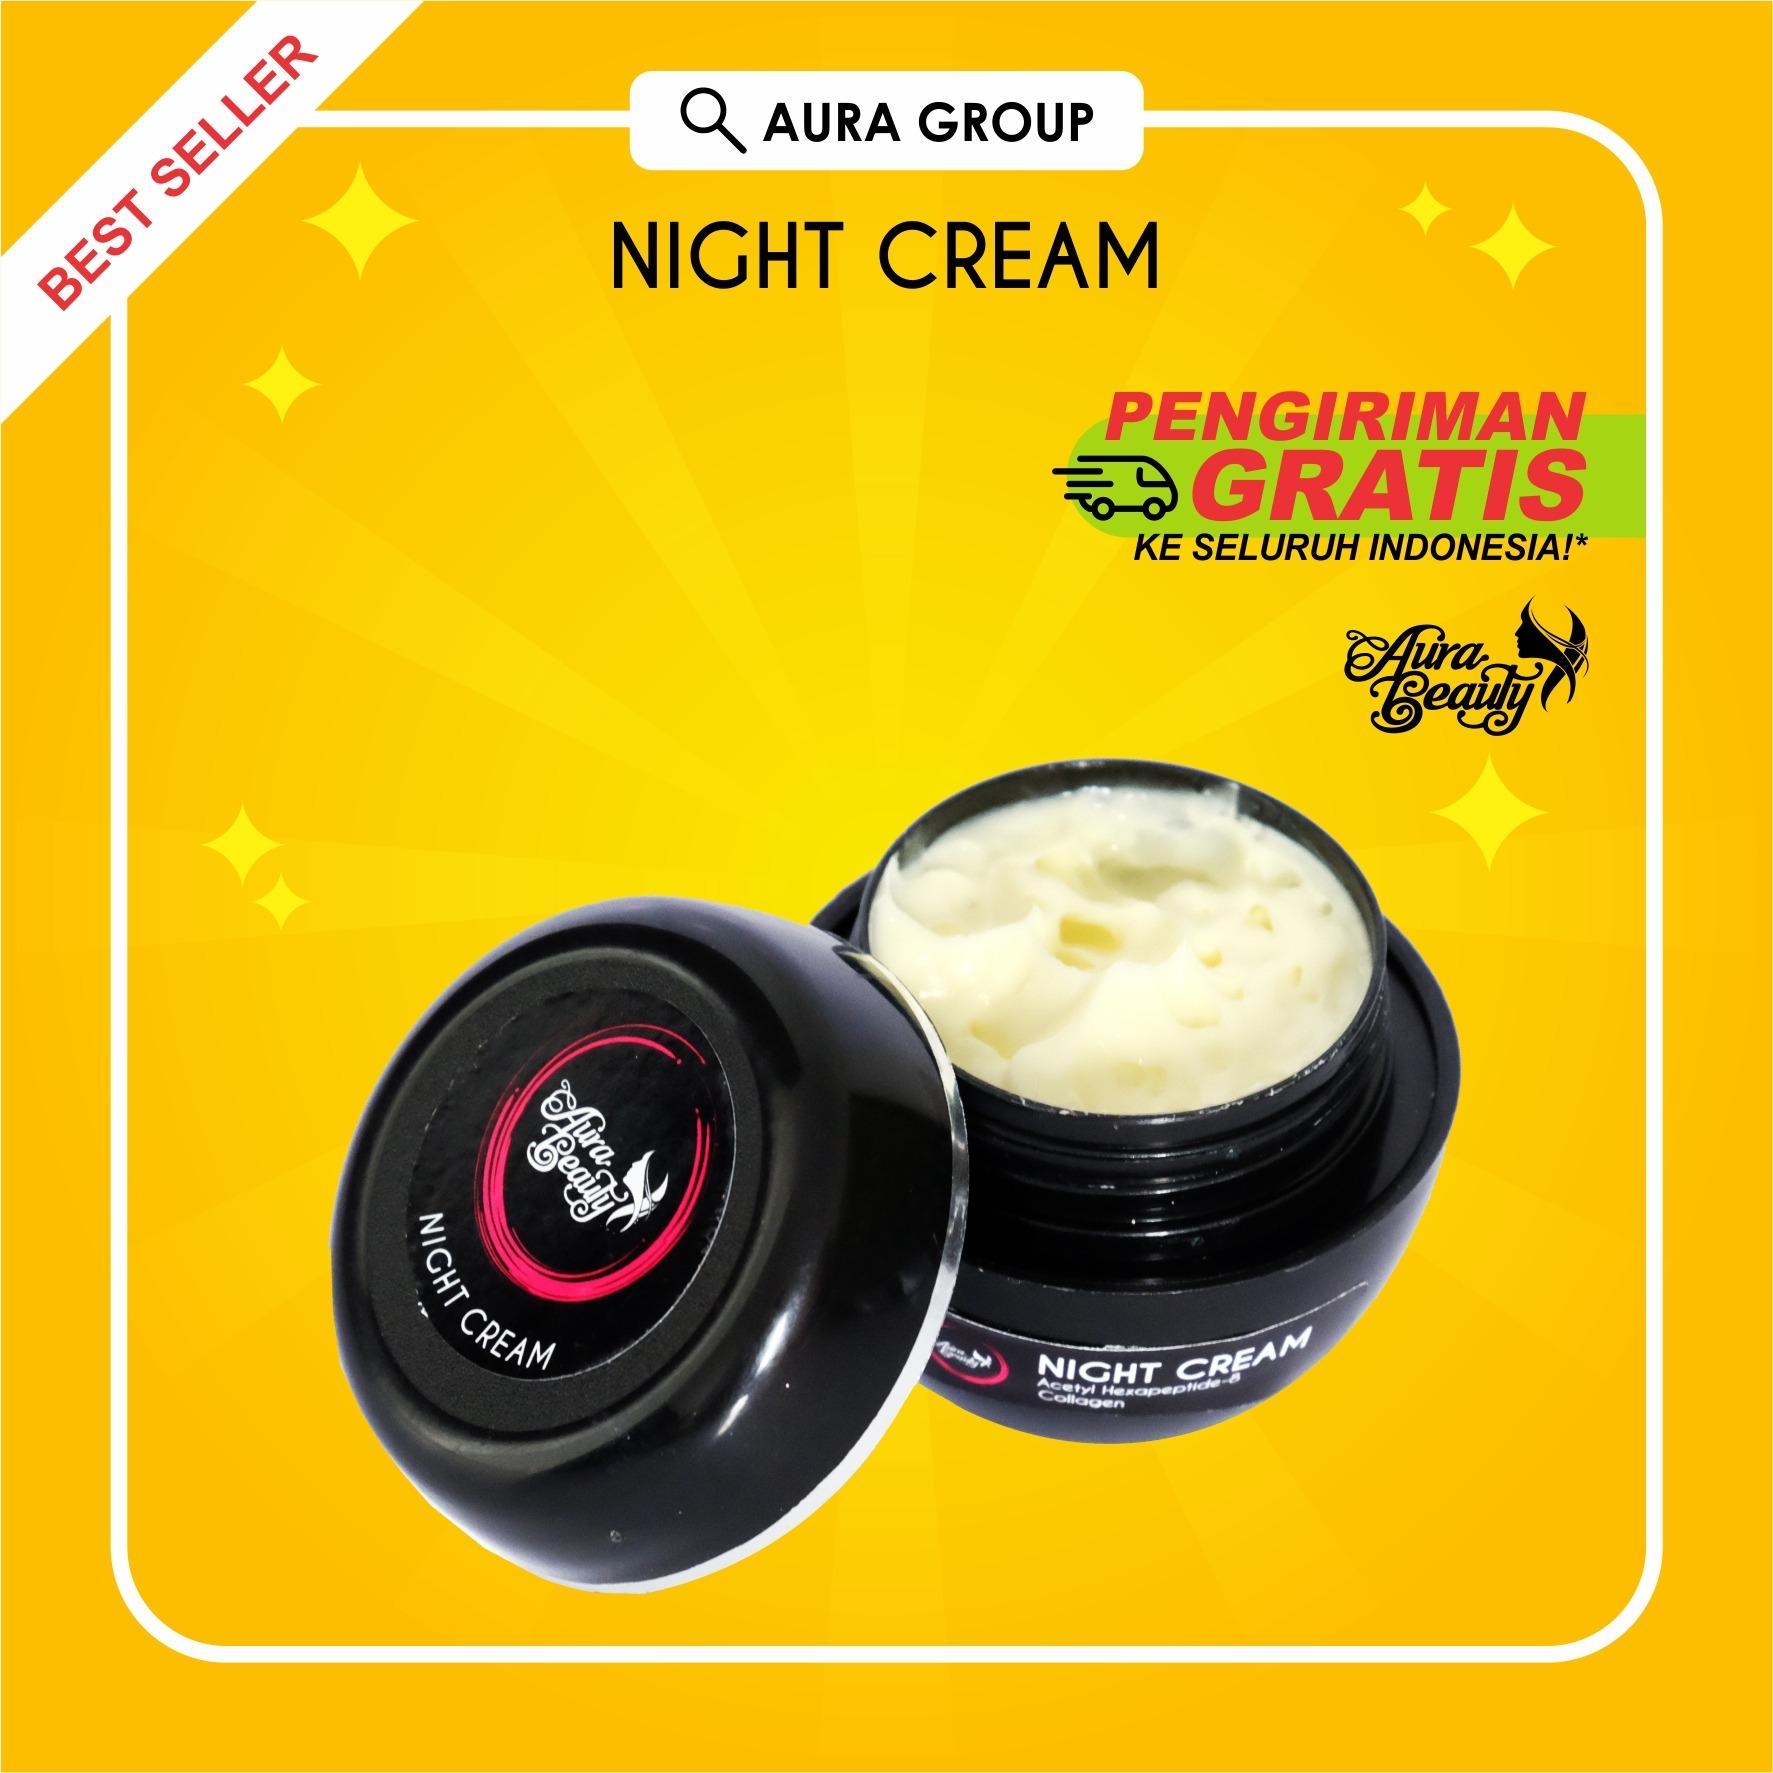 Beli Aura Beauty Night Cream Krim Malam Sebagai Cream Pemutih Wajah Membantu Menutrisi Kulit Dari Dalam Sebagai Pelembab Diperkaya Collagen Agar Kulit Wajah Cerah Alami Dan Kencang Online Murah